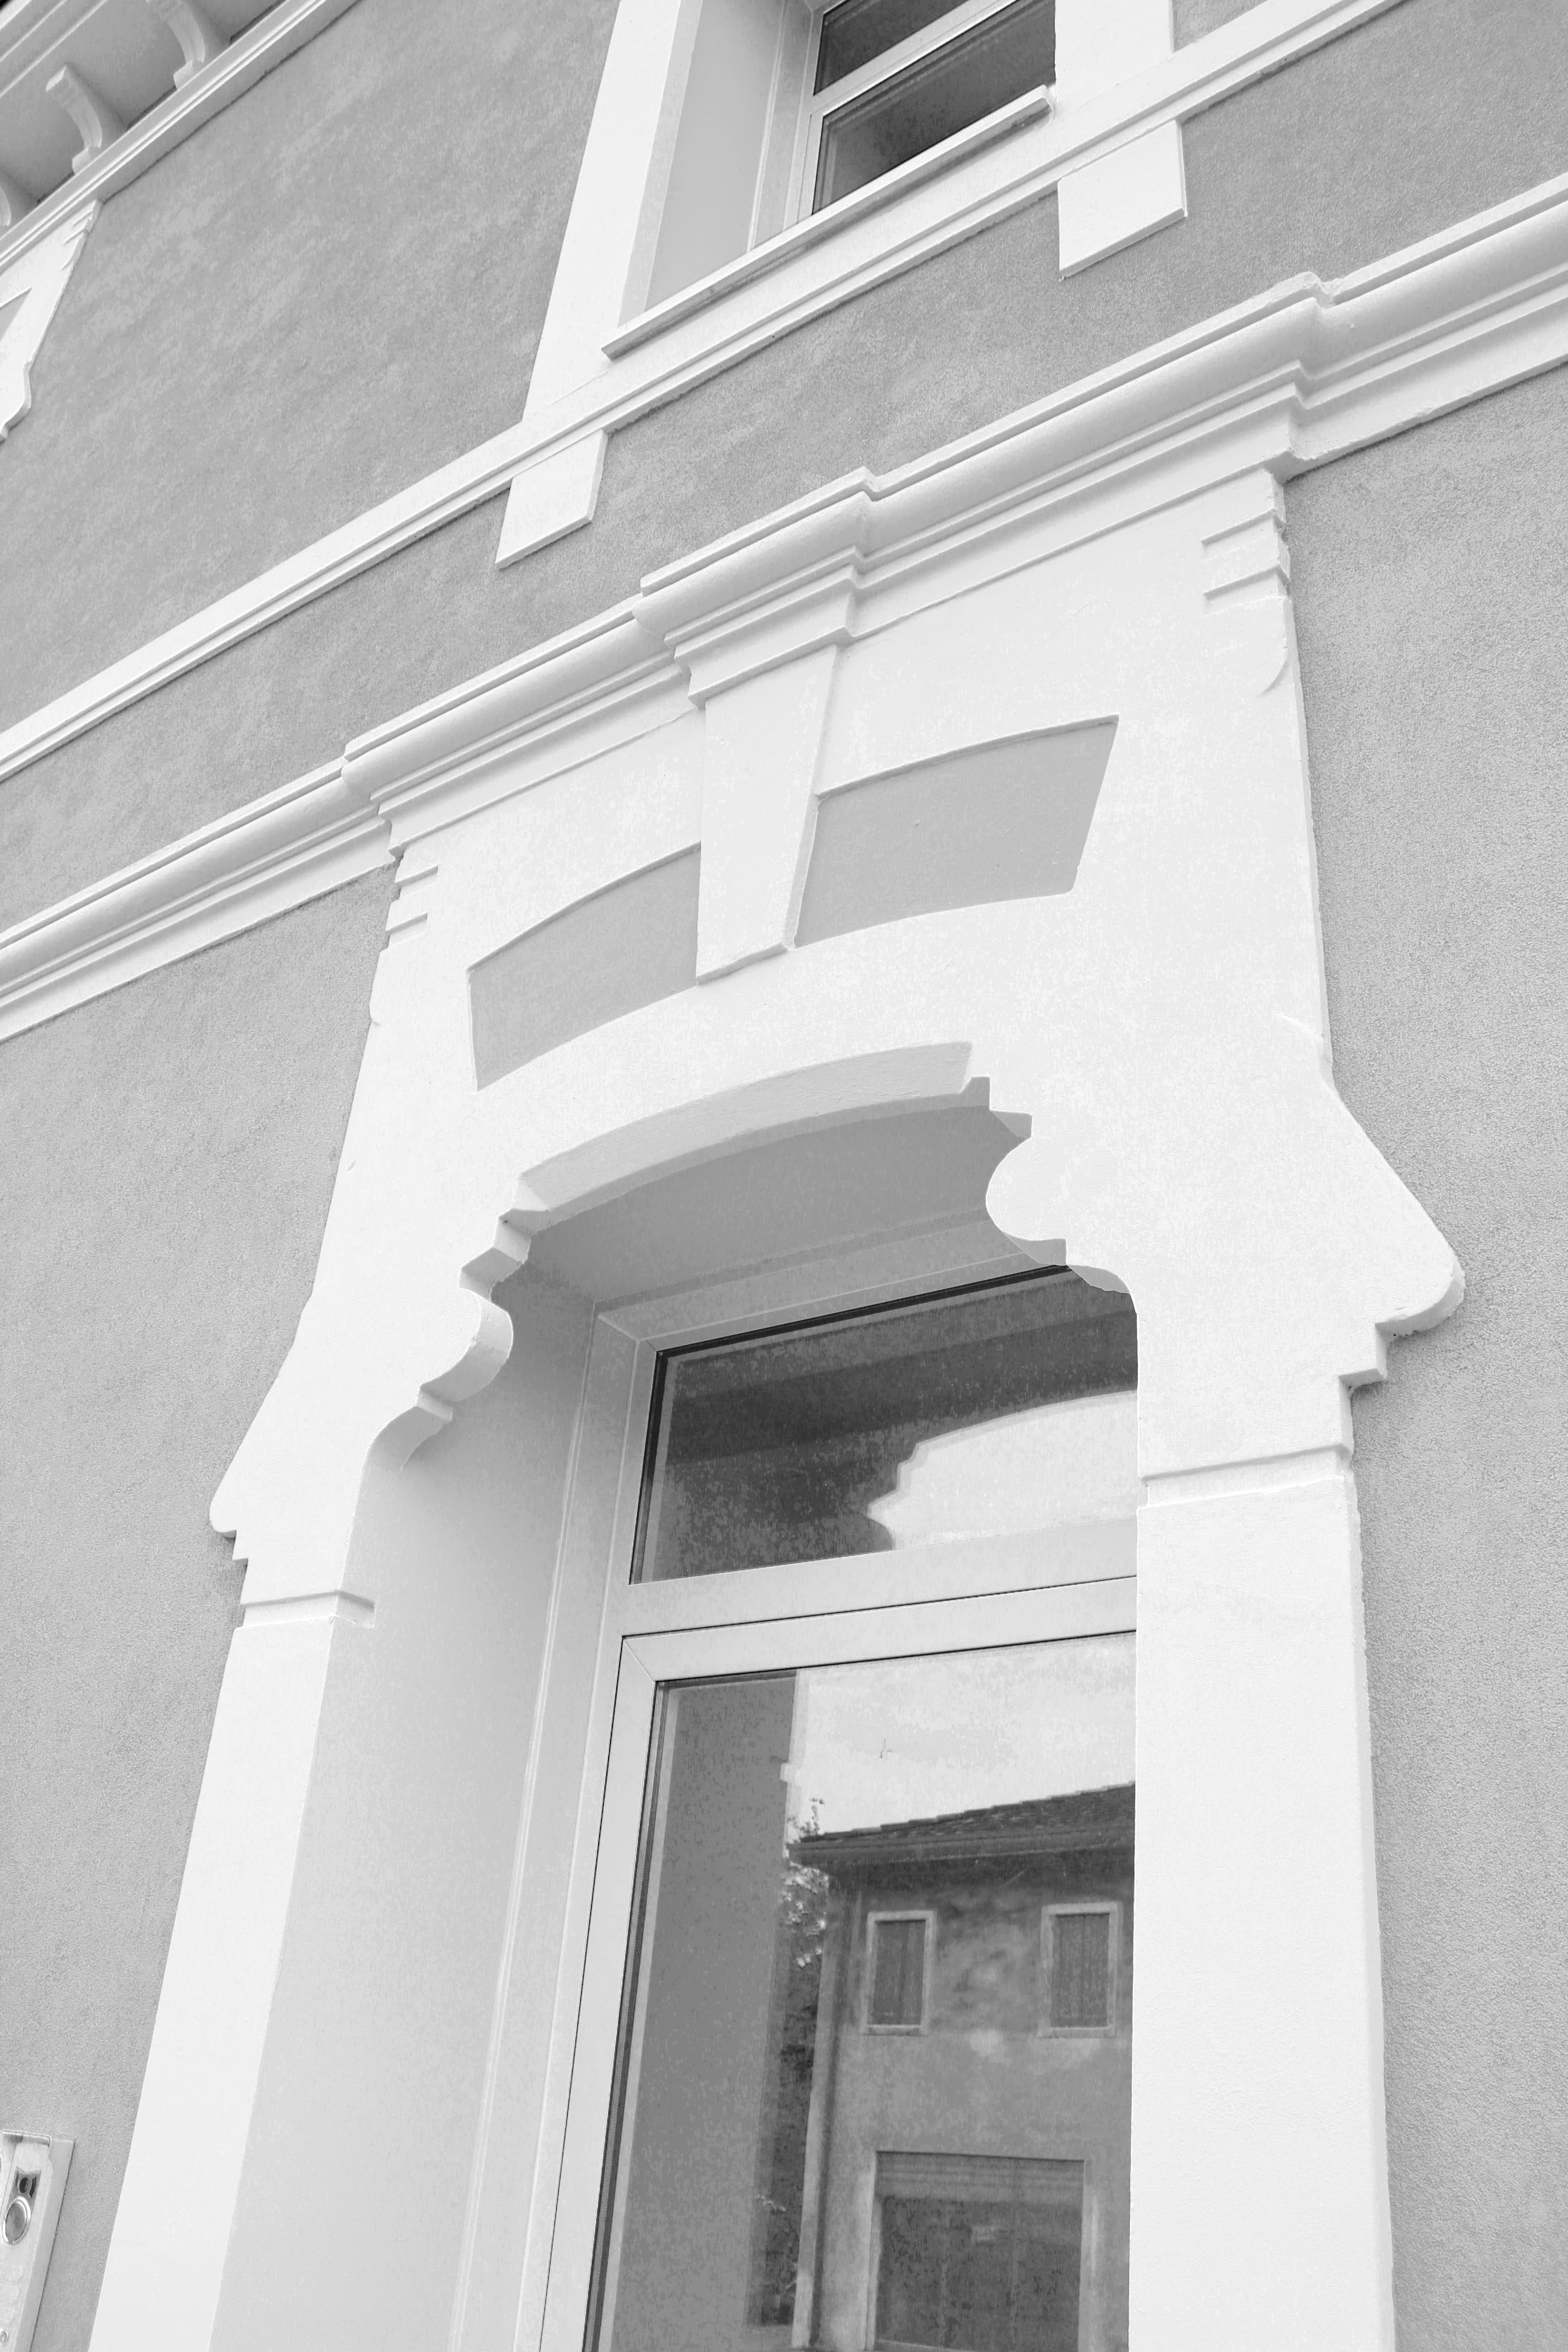 Decorazioni per finestre cornici per facciate cornici decorative per esterni cornici in - Cornici finestre in polistirolo ...